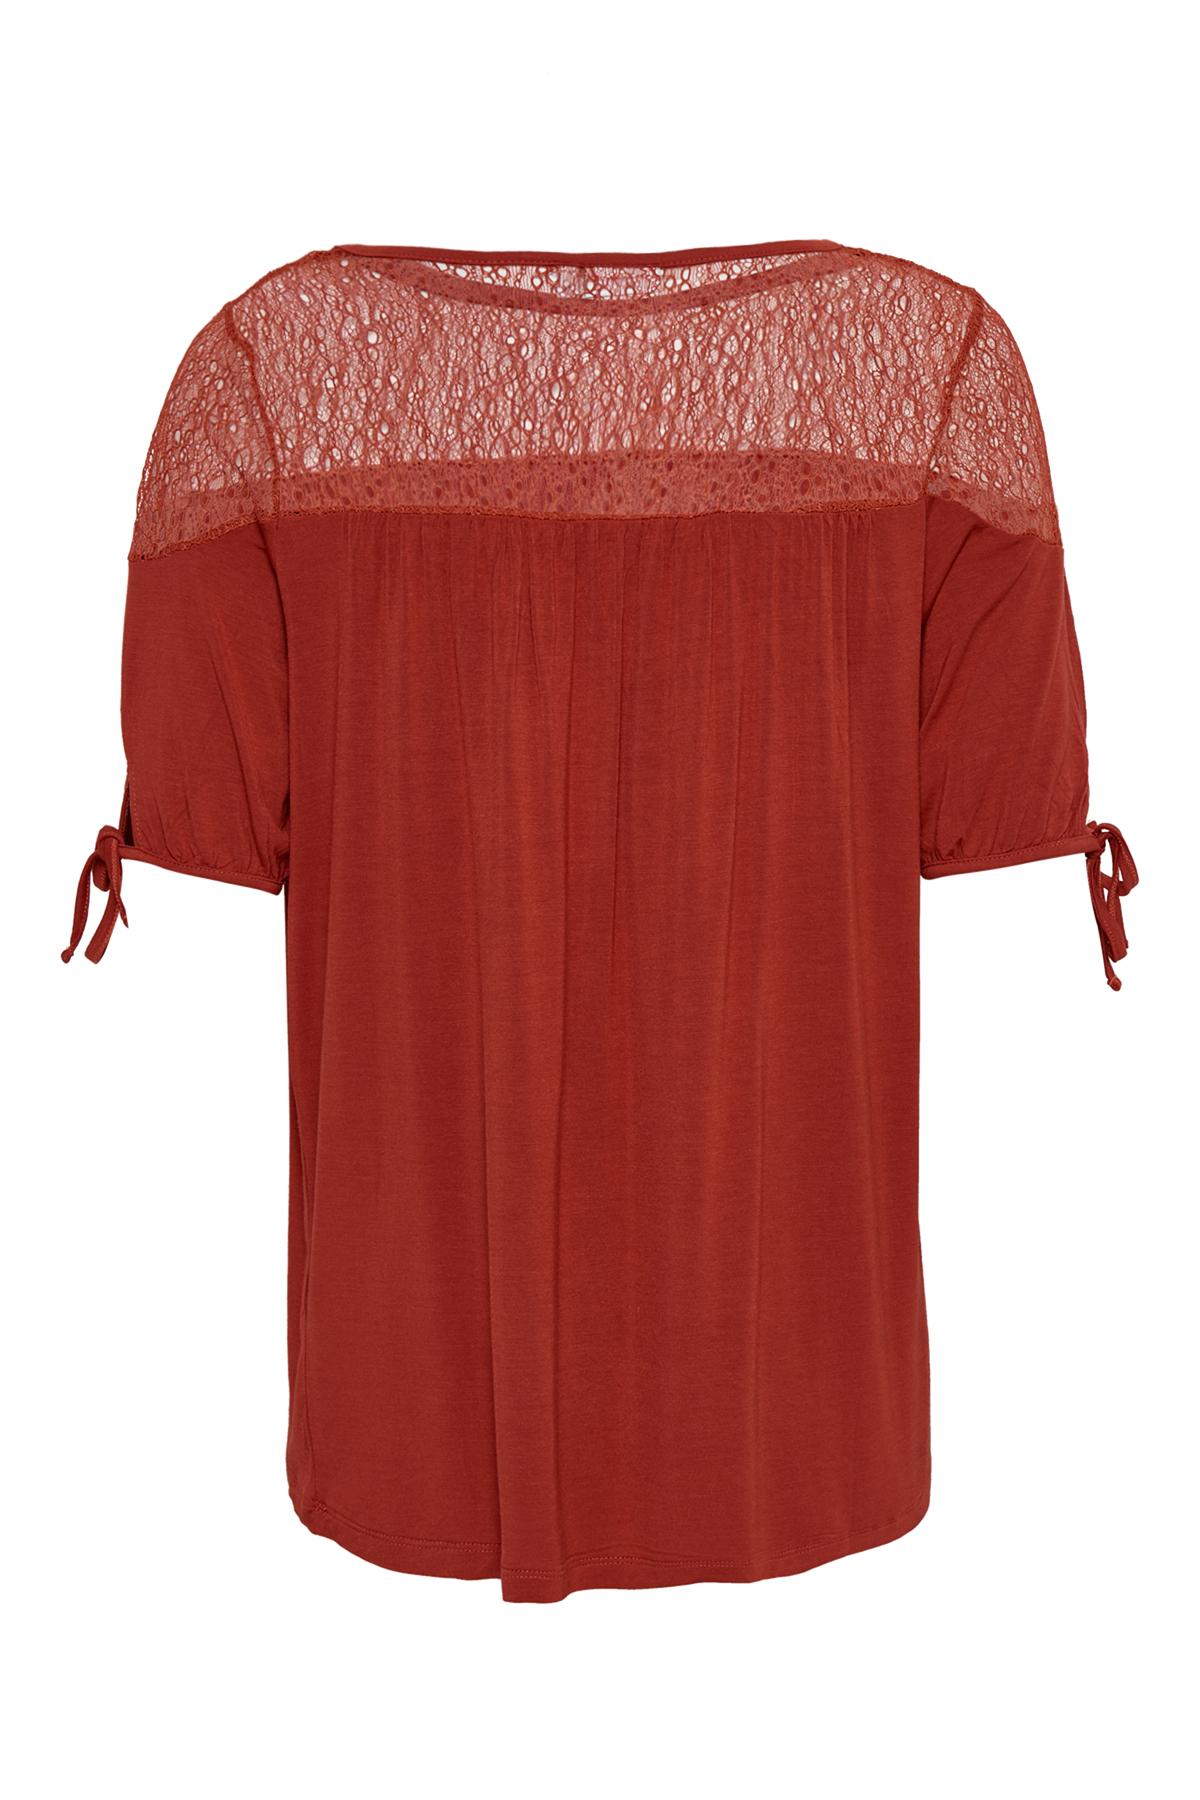 Mørk orange Kortærmet bluse fra Fransa – Køb Mørk orange Kortærmet bluse fra str. XS-XXL her